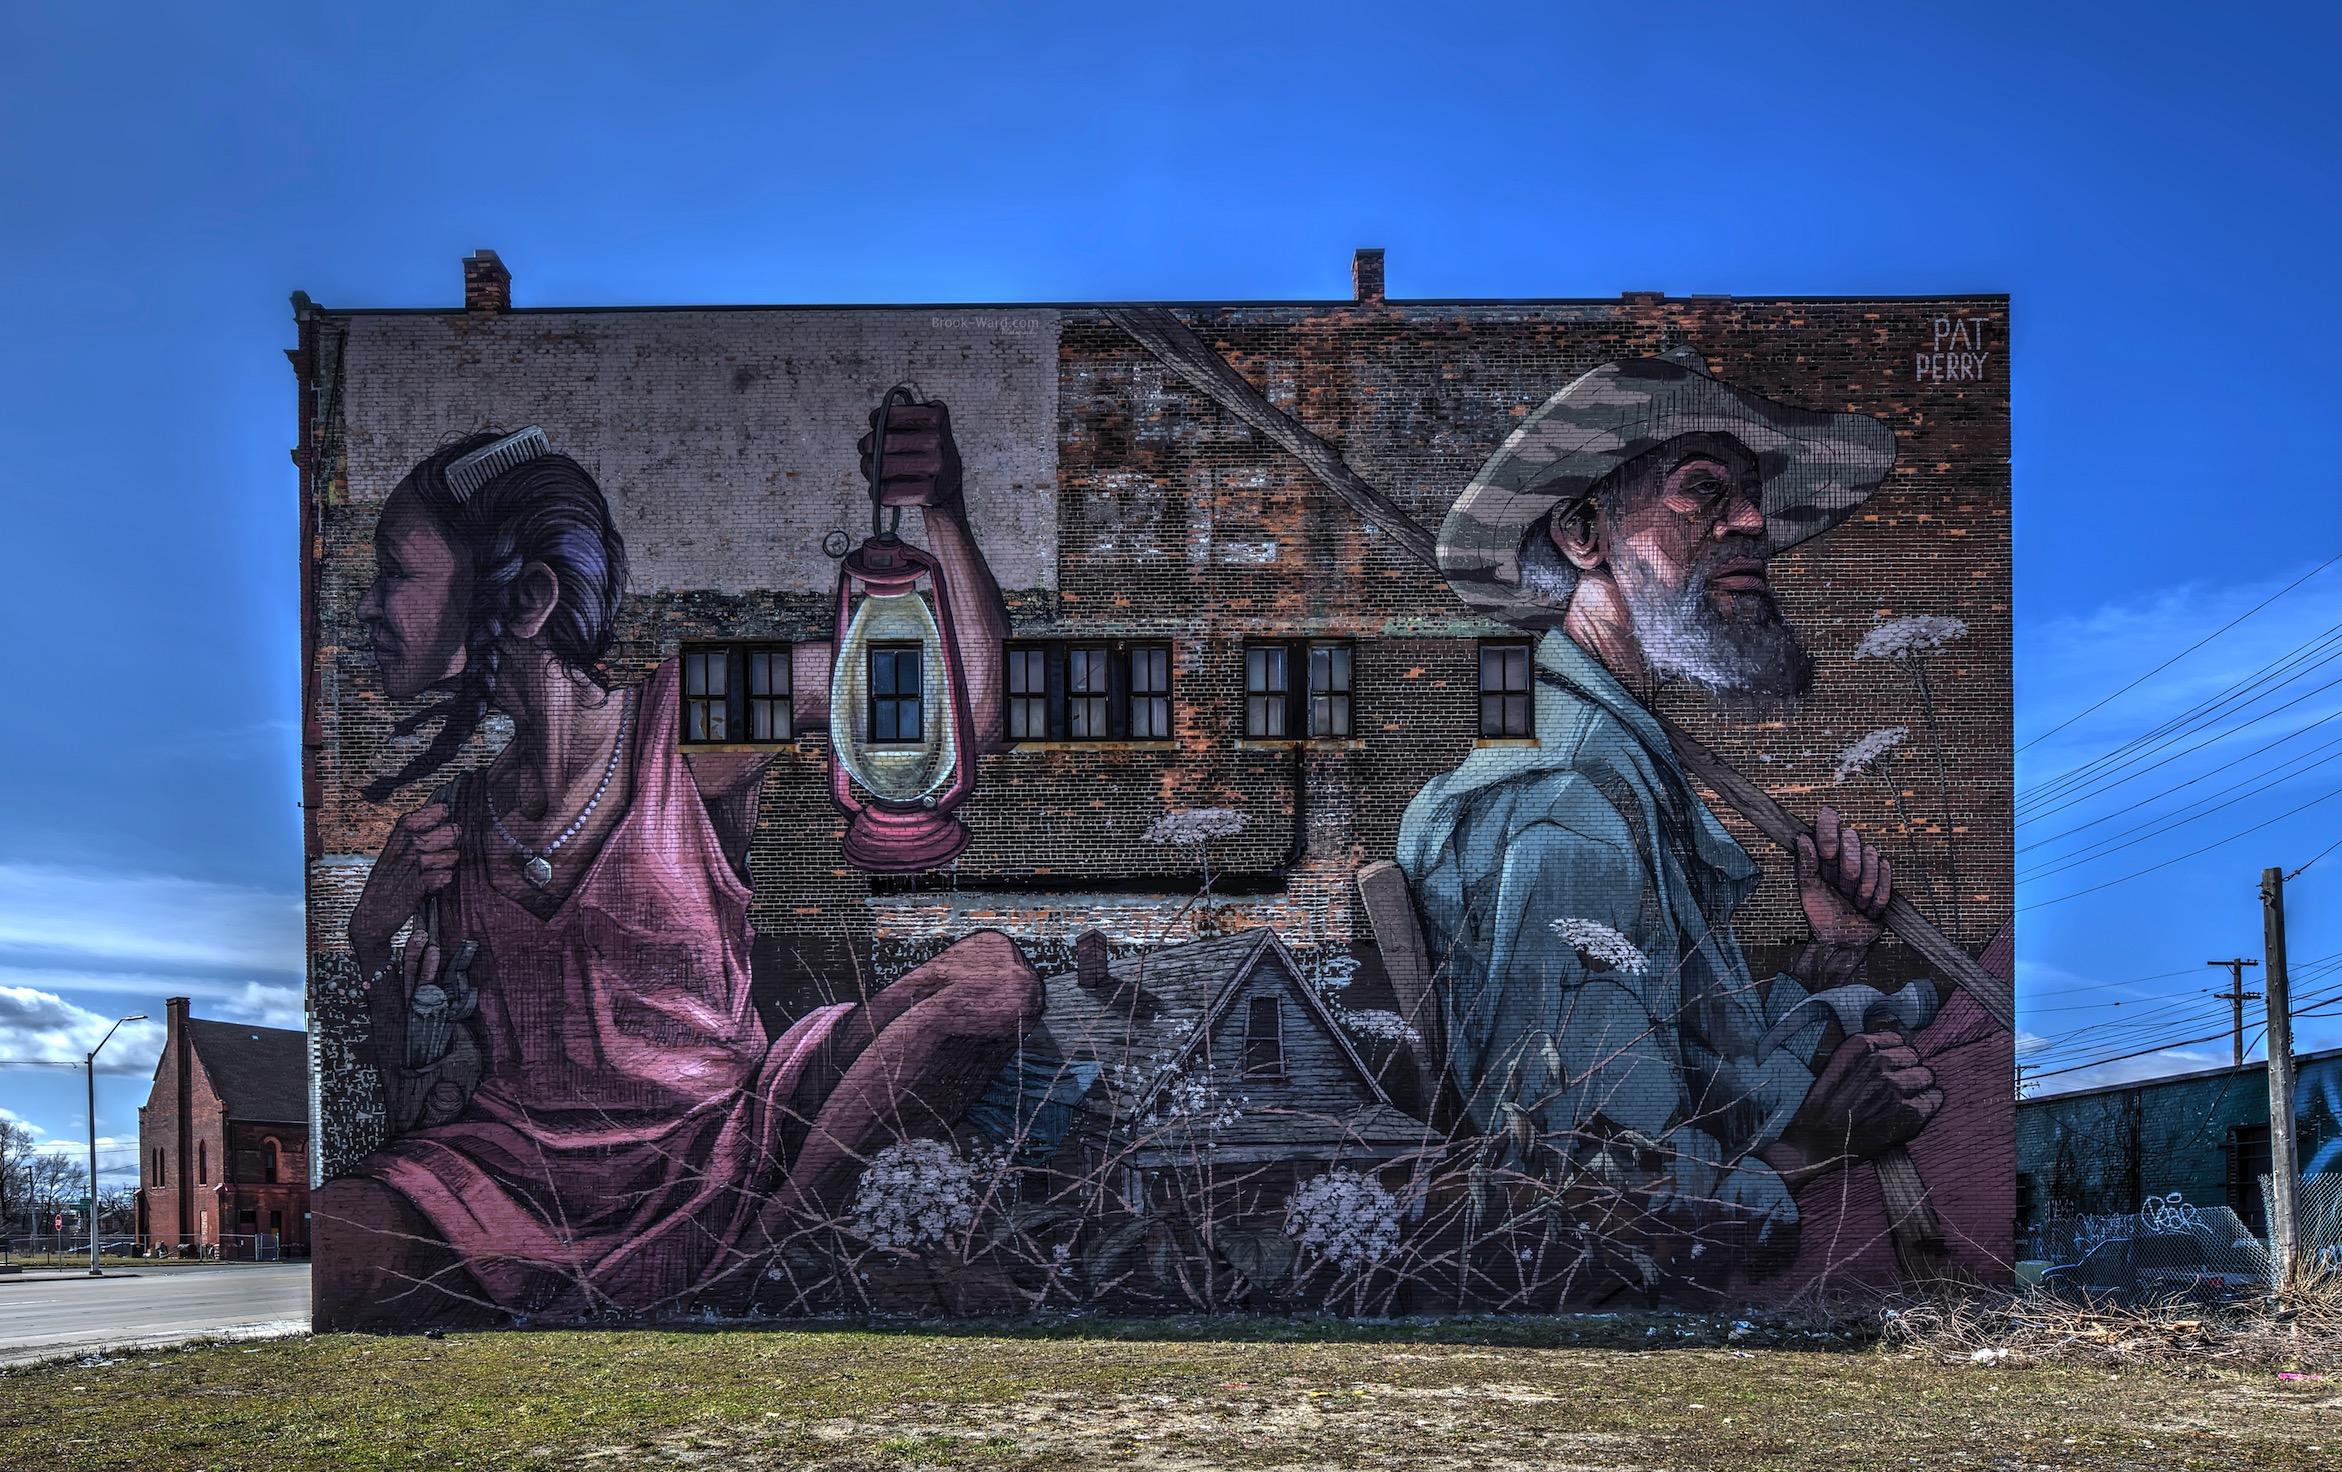 Pat Perry's Mural